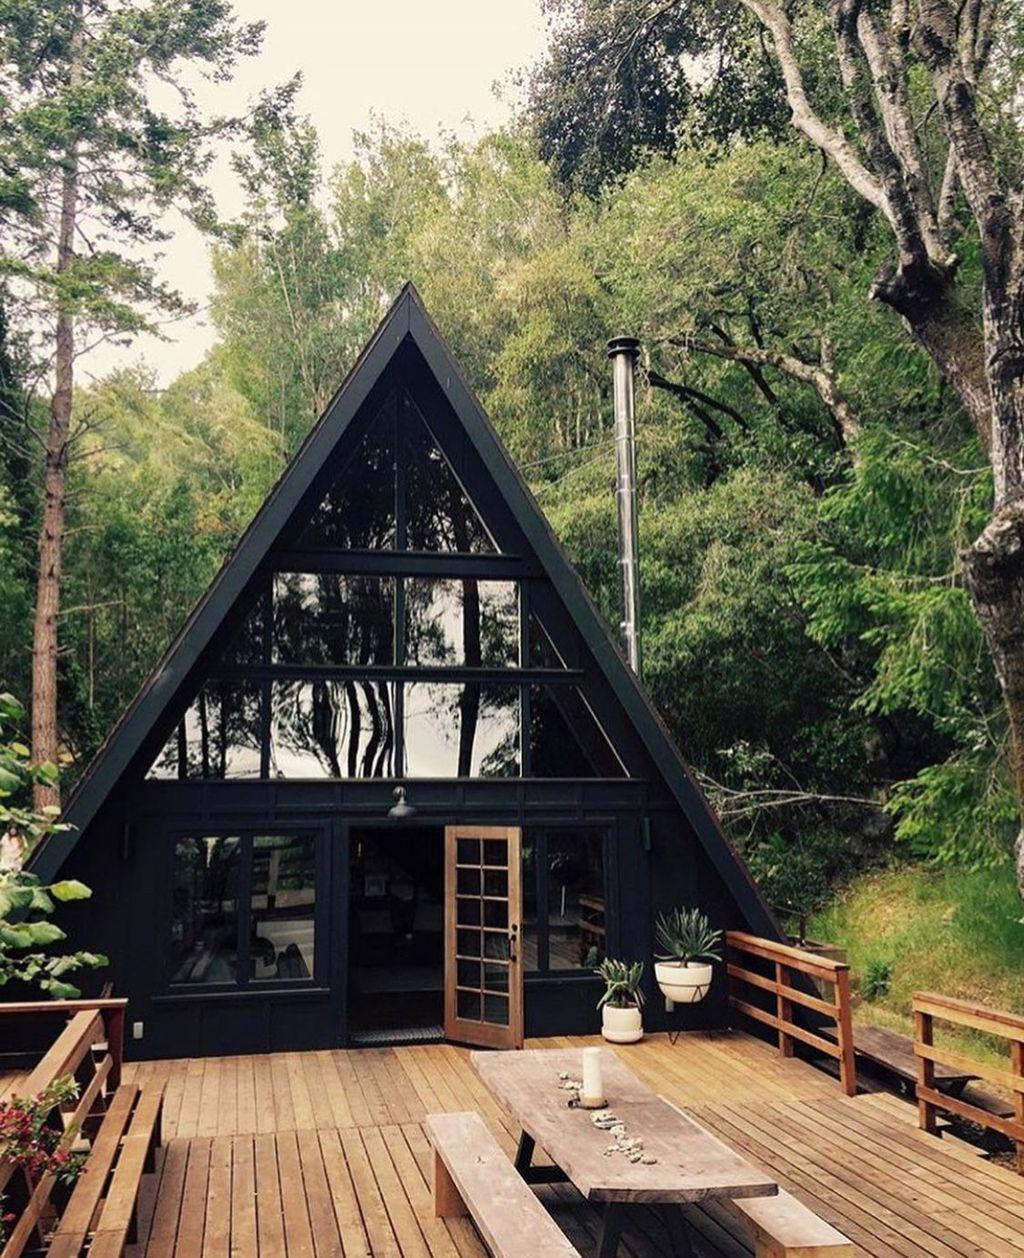 32 Amazing Cozy Tiny House Design Ideas In 2020 Tiny House Design A Frame Cabin A Frame House